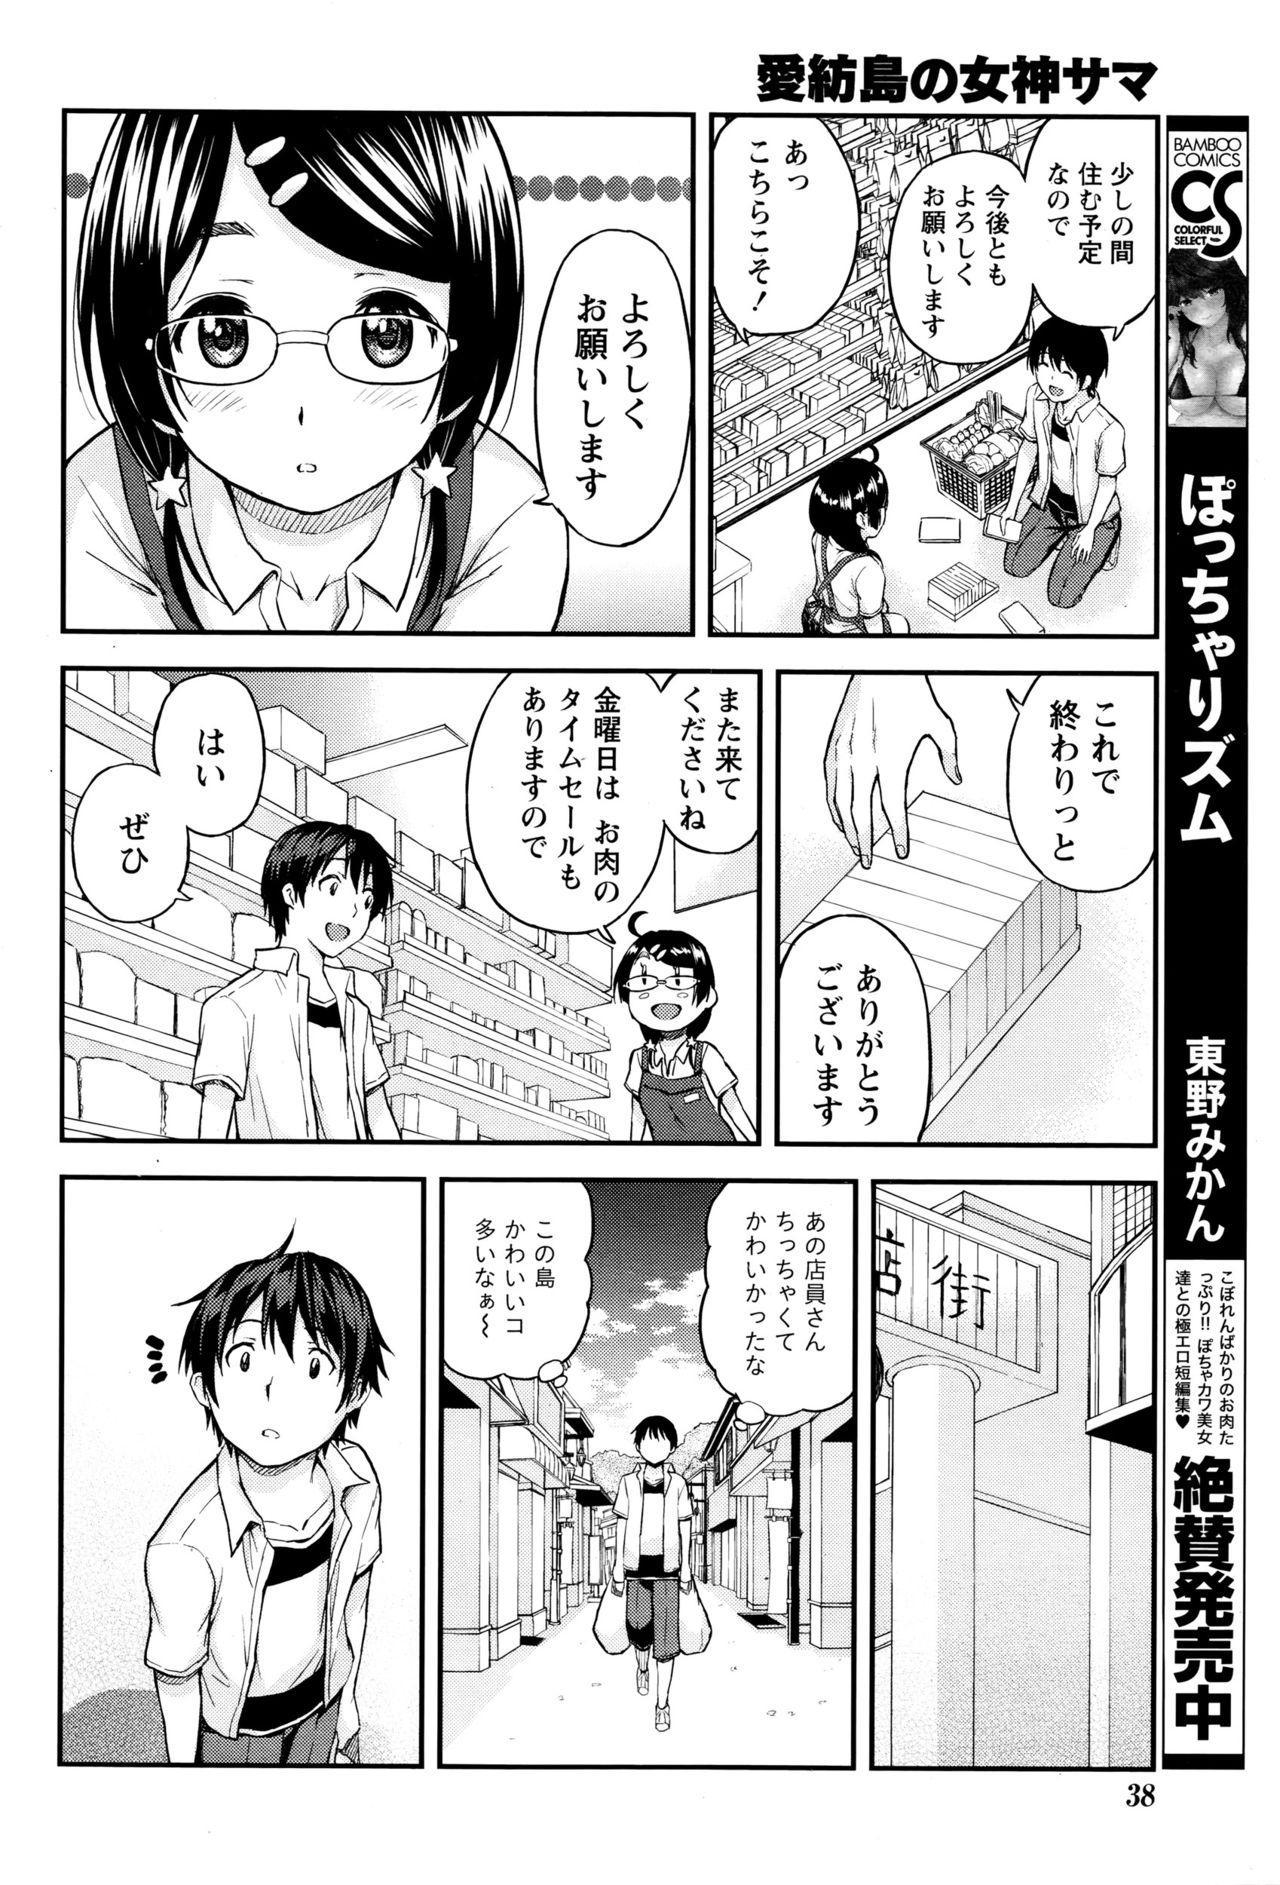 [Higashino Mikan] Atsumujima no Megumi-sama - Goddess of Atsumu-Island 28